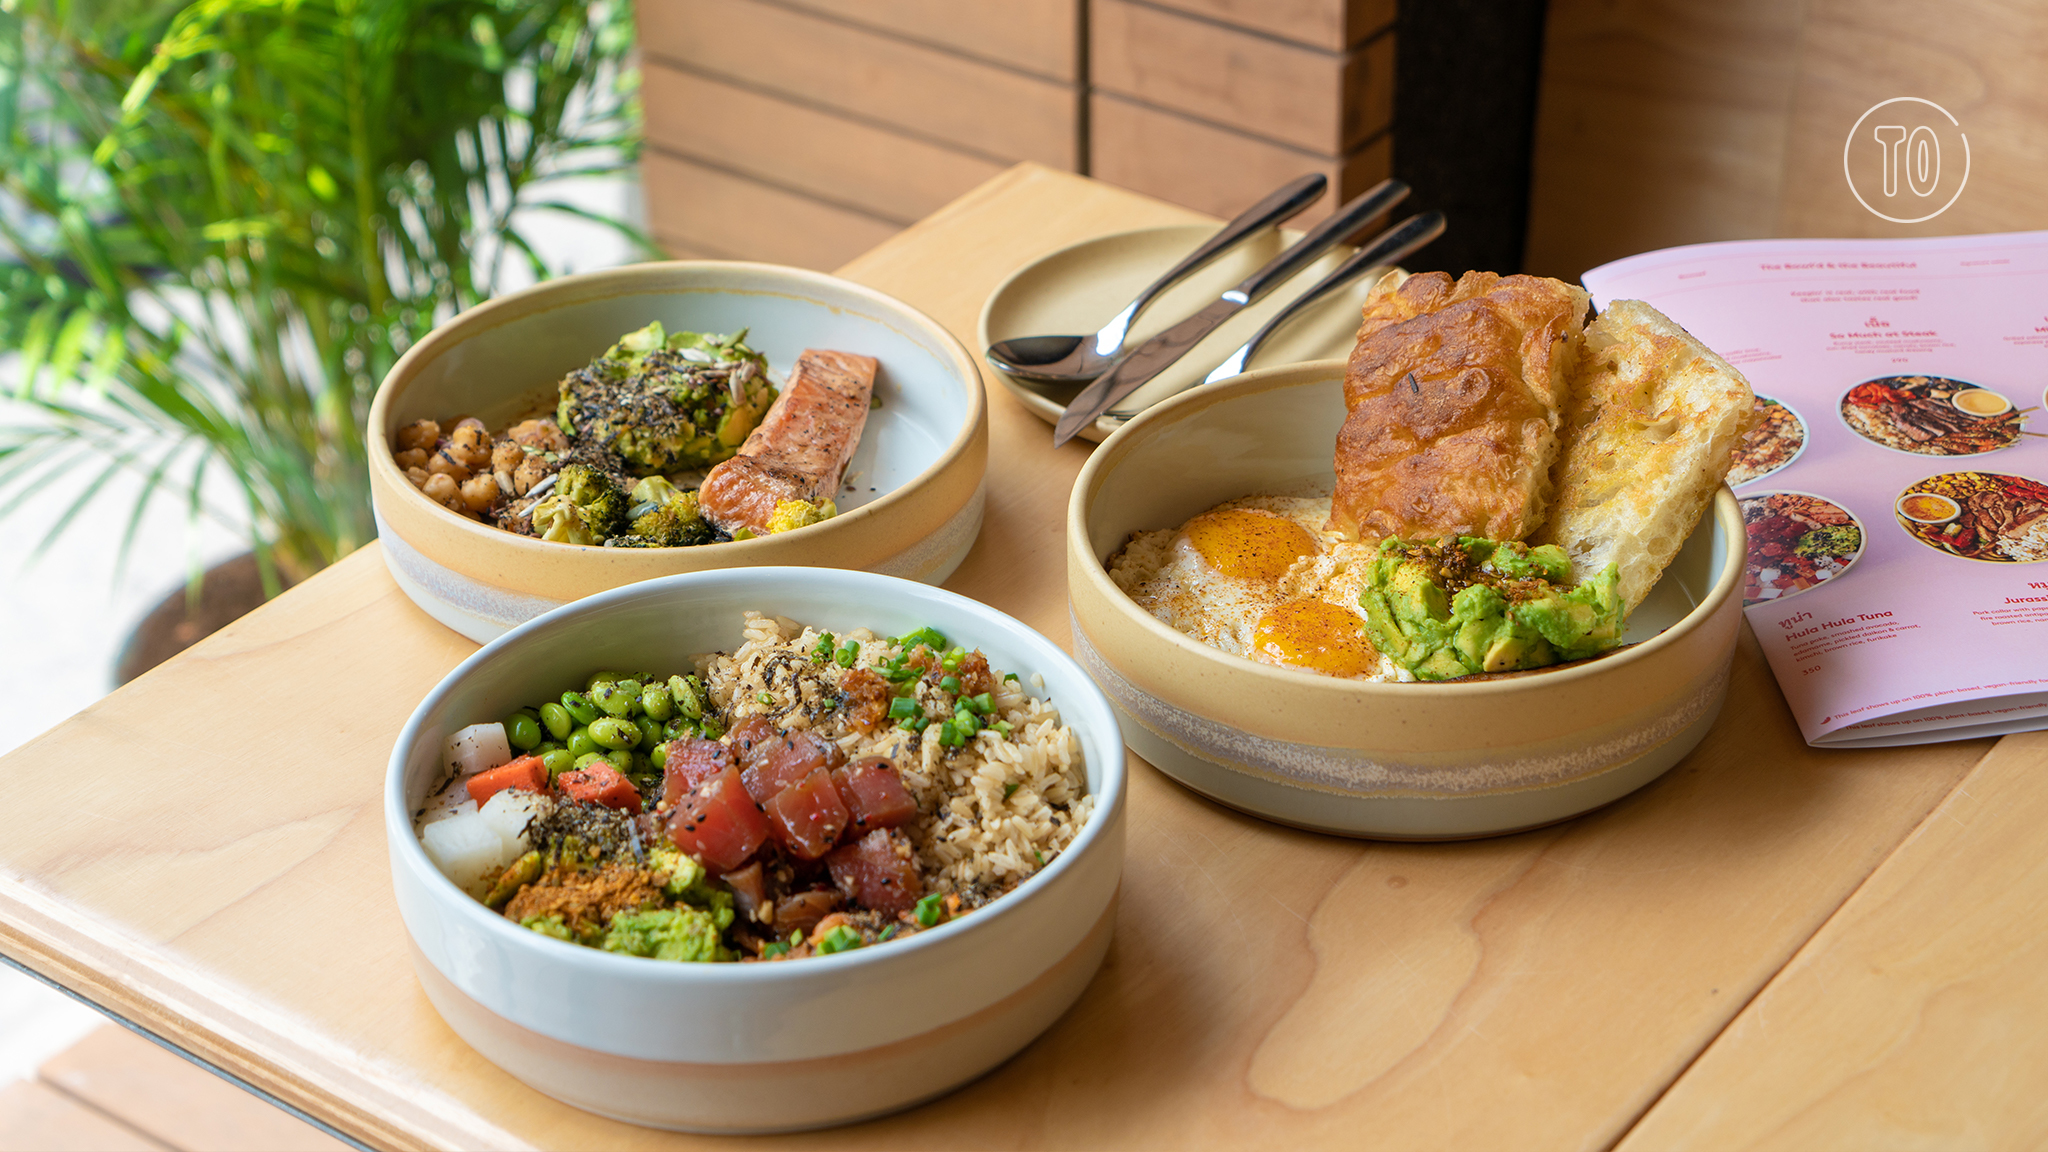 10 ร้านอาหารสุขภาพน่าลองในกรุงเทพฯ สำหรับมื้อที่ดีต่อกายและใจ